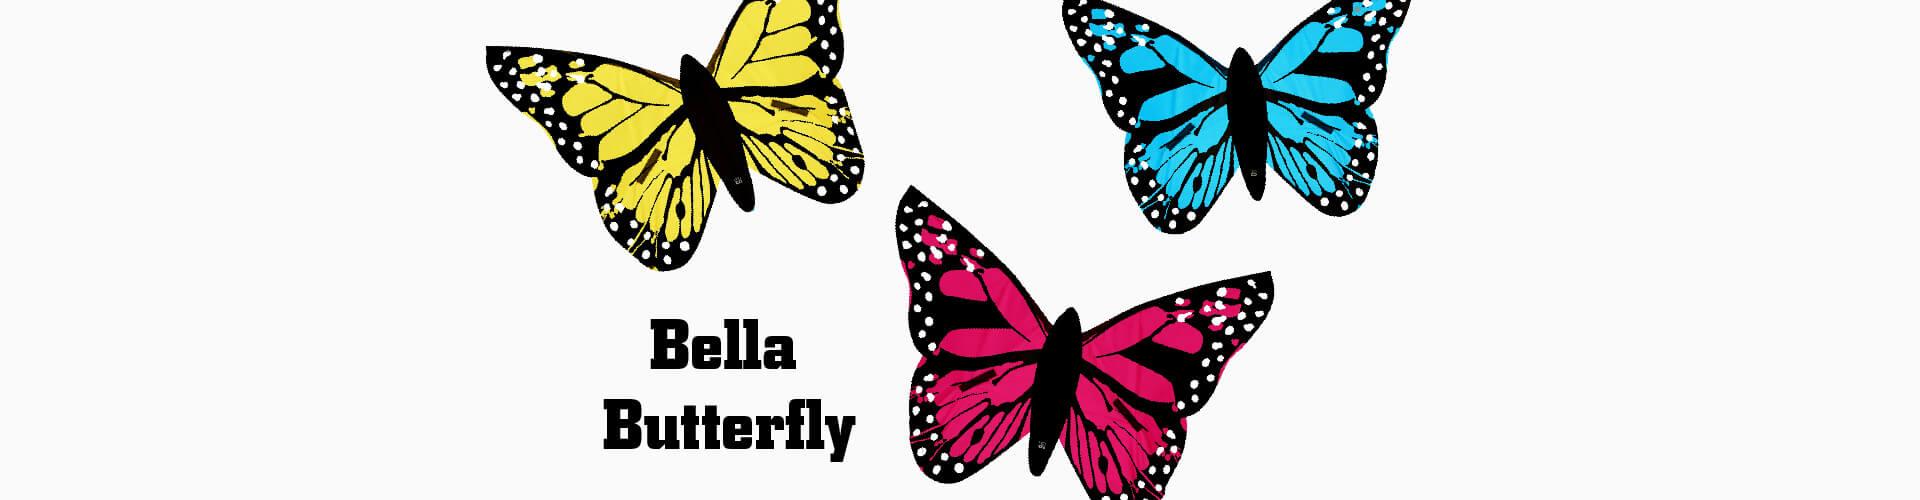 wolkenstuermer_slider_bella_butterfly